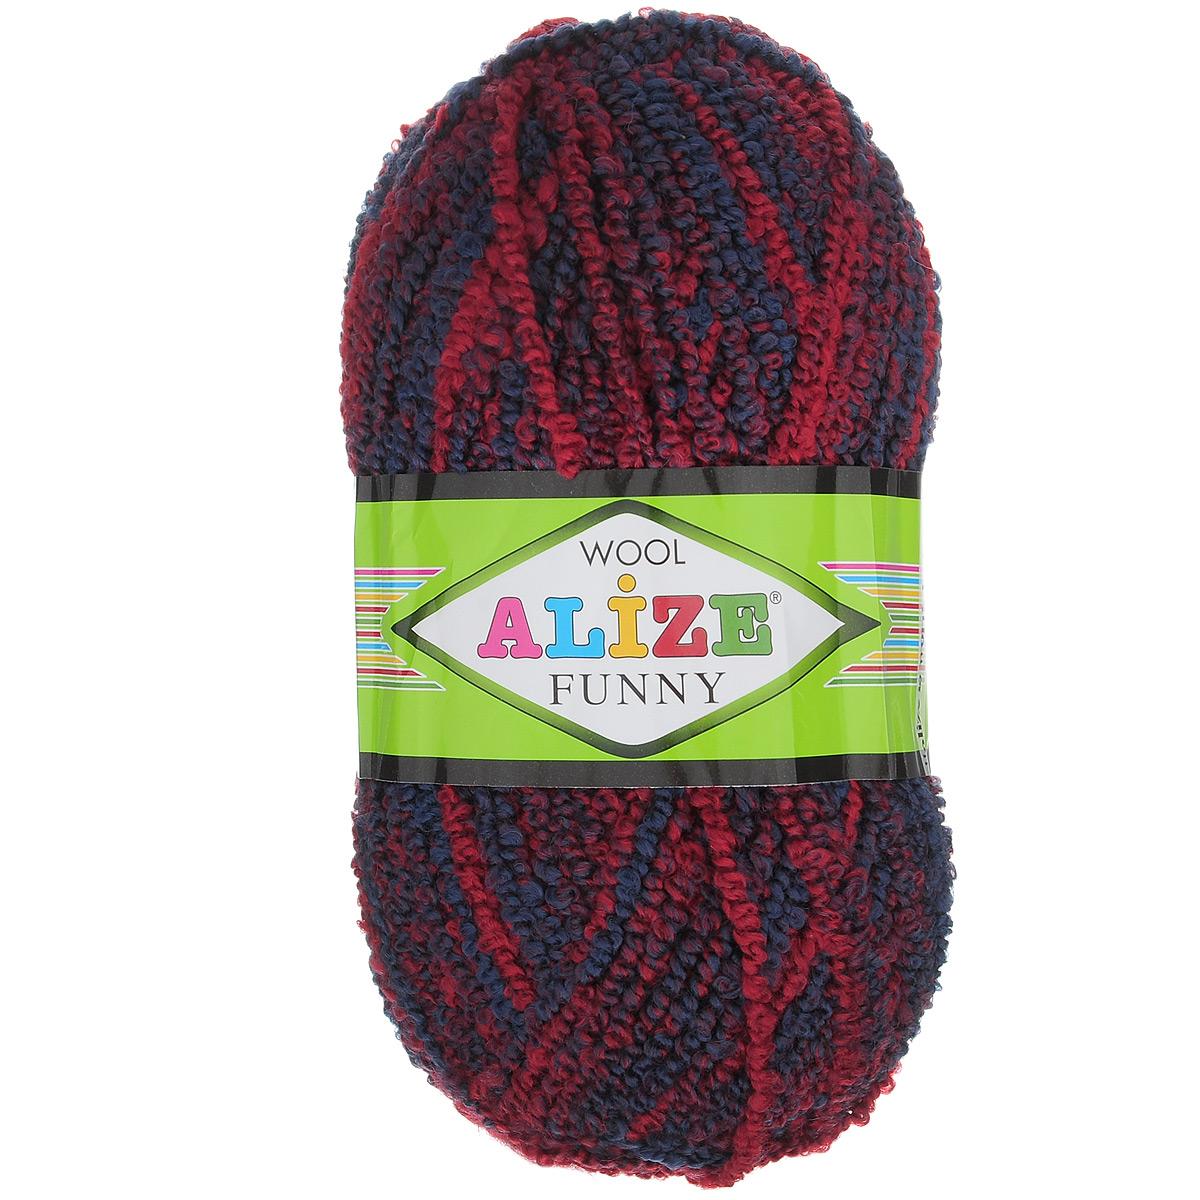 Пряжа для вязания Alize Wool Funny, цвет: синий, бордовый (1259), 170 м, 100 г, 5 шт364110_1259Пряжа для вязания Alize Wool Funny изготовлена из акрила, шерсти и полиэстера. Шерстяную пряжу лучше использовать для вязания верхней одежды. У нее более толстая и прочная нить. Вещи, связанные из такой пряжи, прекрасно согревают и при правильном уходе долго носятся. В качестве моделей для вязки можно рекомендовать плотные вещи: пальто, осенние длинные кардиганы, пончо, болеро, мужские свитера. Рассчитана на любой уровень мастерства, но особенно понравится начинающим мастерицам - благодаря толстой нити пряжа Alize Wool Funny позволяет быстро связать простую вещь. Структура и состав пряжи максимально комфортны для вязания. Рекомендованные спицы для вязания: № 6-7 мм. Комплектация: 5 мотков. Состав: 73% акрил, 20% шерсть, 7% полиэстер.